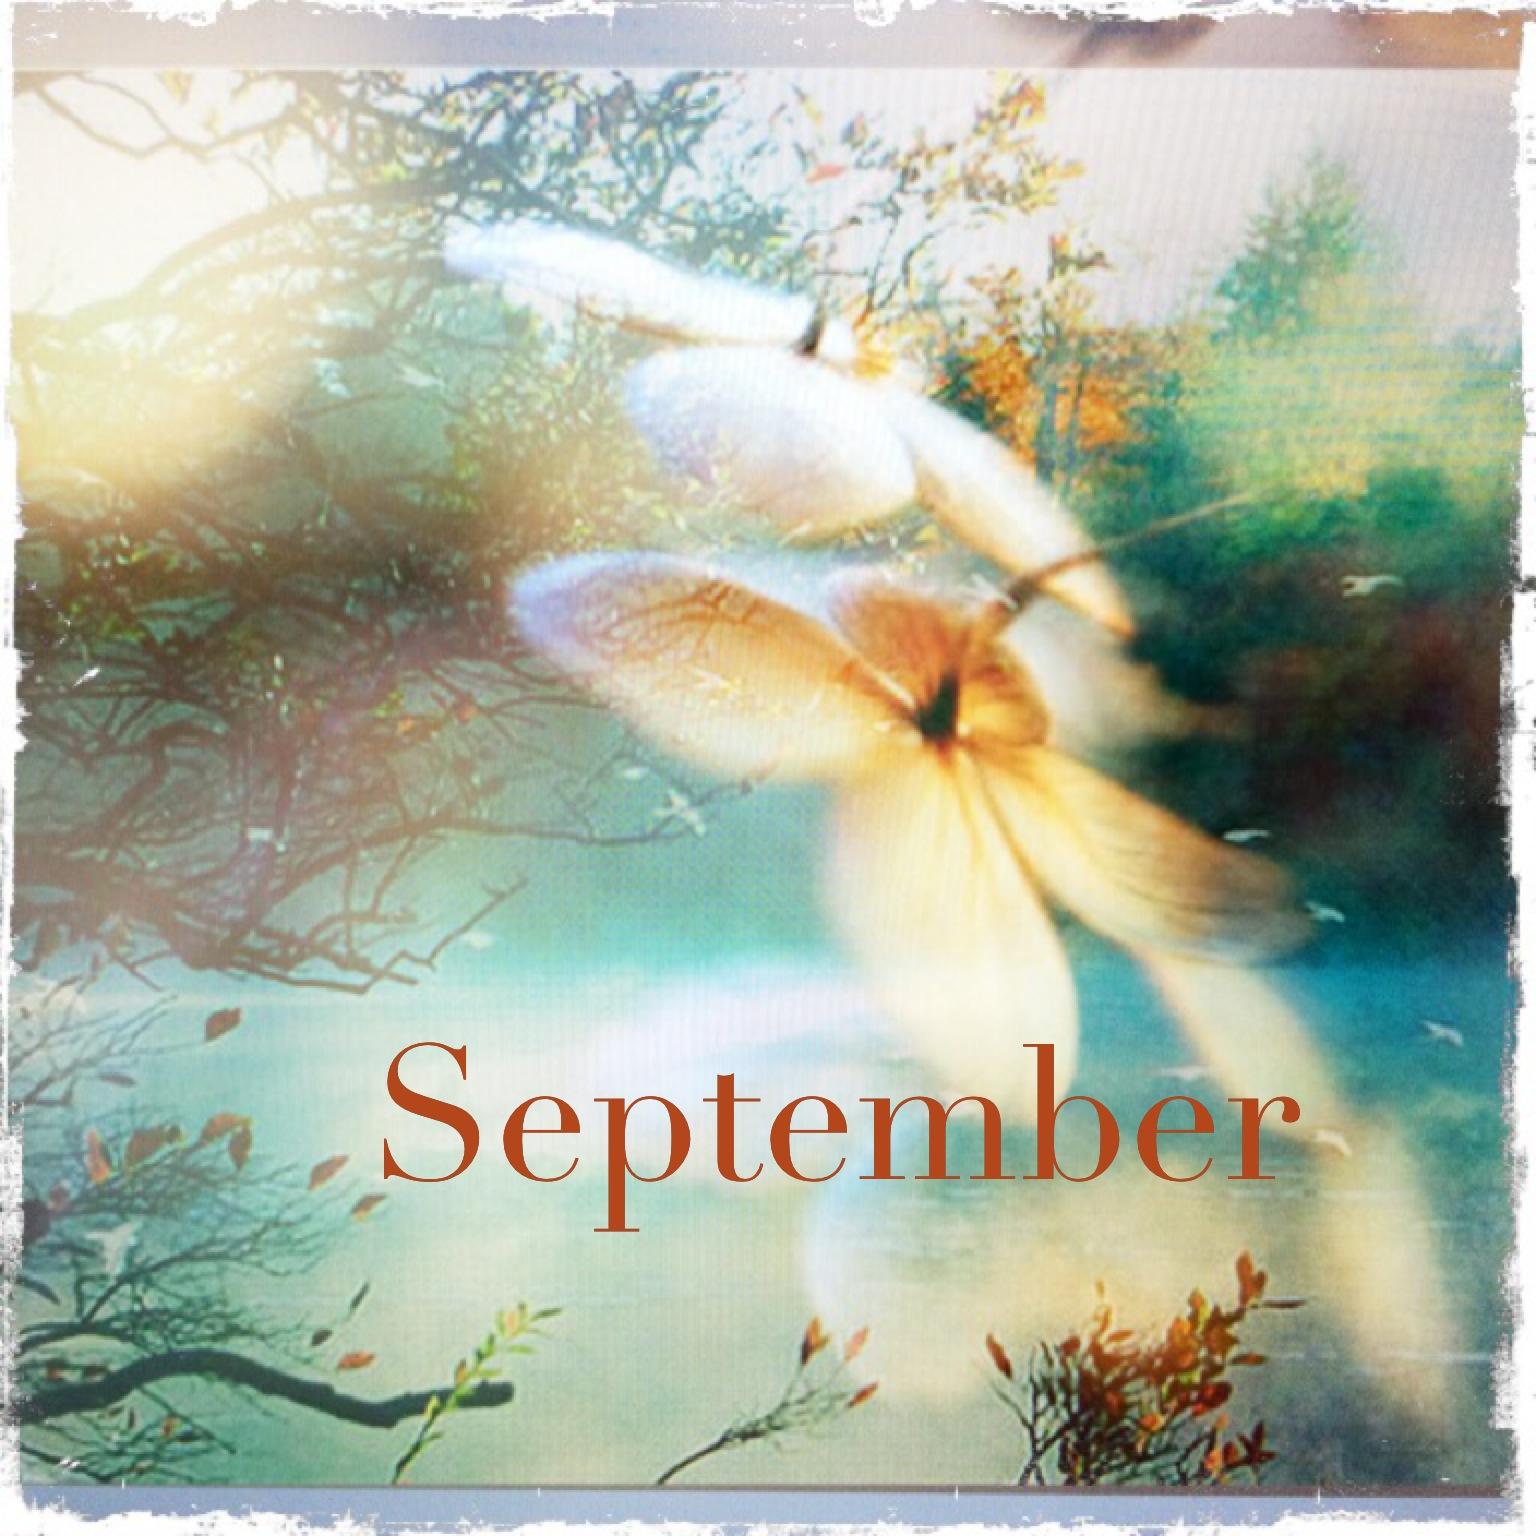 September artwork.jpeg